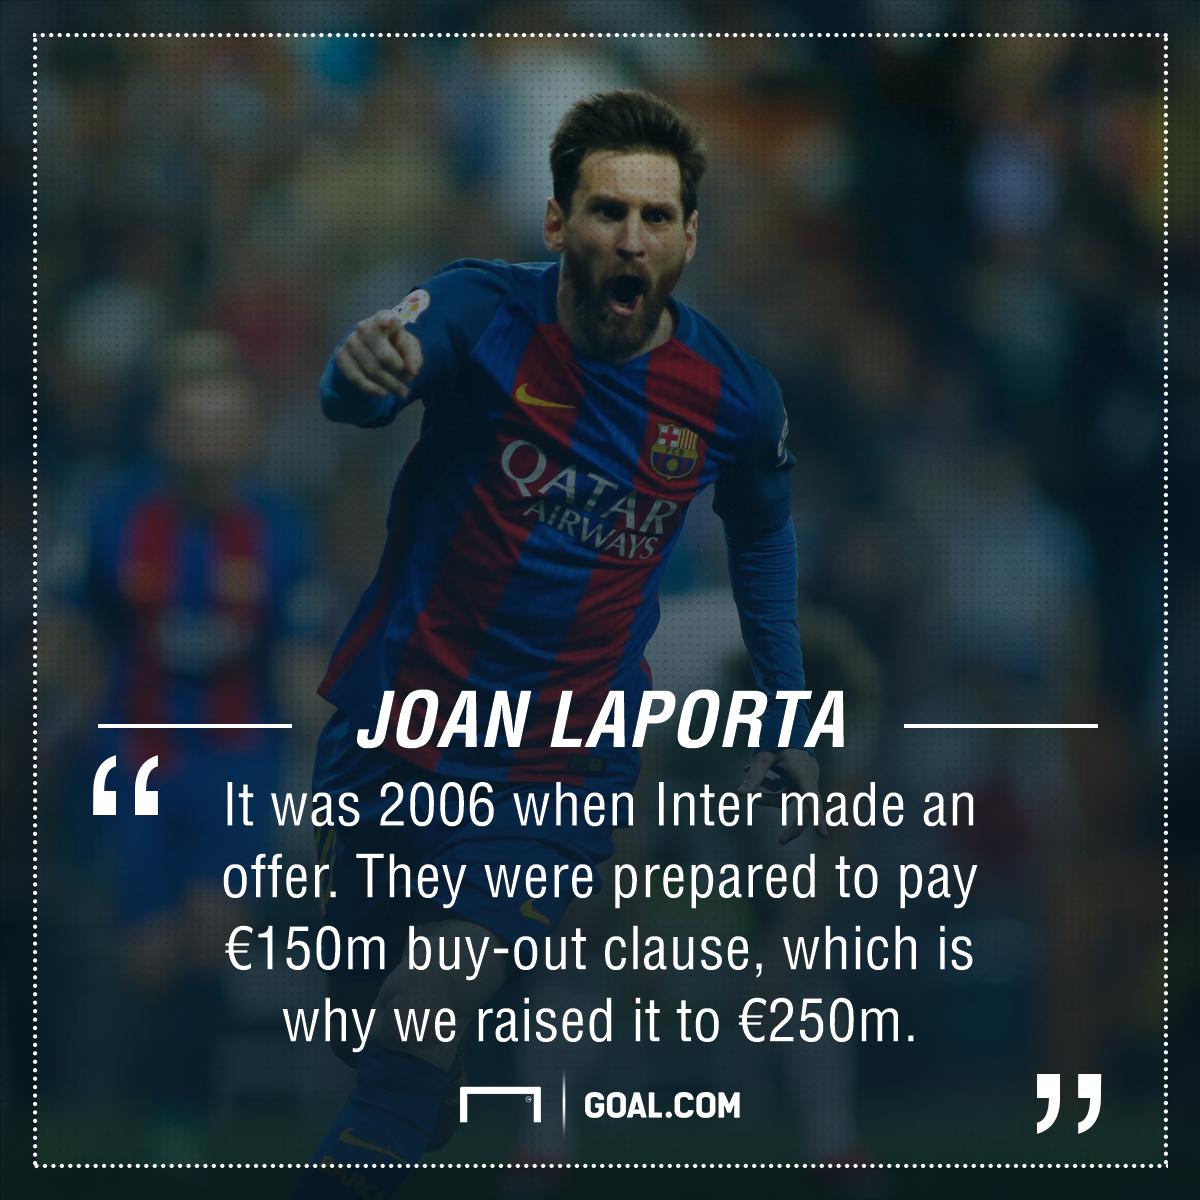 Lionel Messi Joan Laporta Barcelona Inter